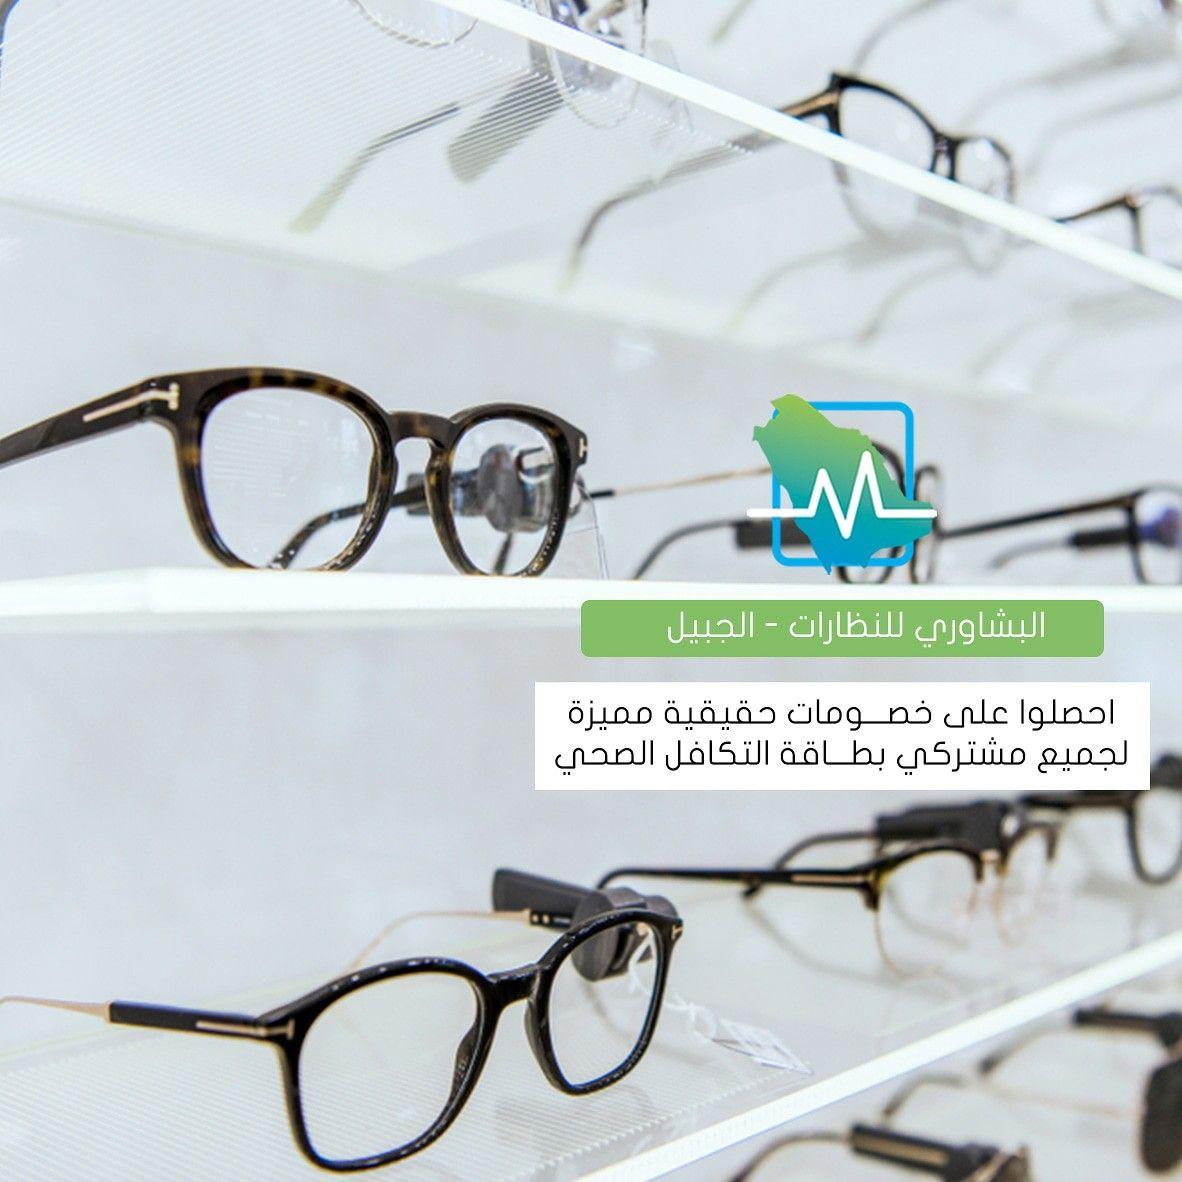 كن الأكثر أناقة باختيارك أجمل النظارات من البشاوري للنظارات في الجبيل بخصومات على بطاقة التكافل الصحي النظارات الشمسية من ماركات مخ Health Insurance Glasses